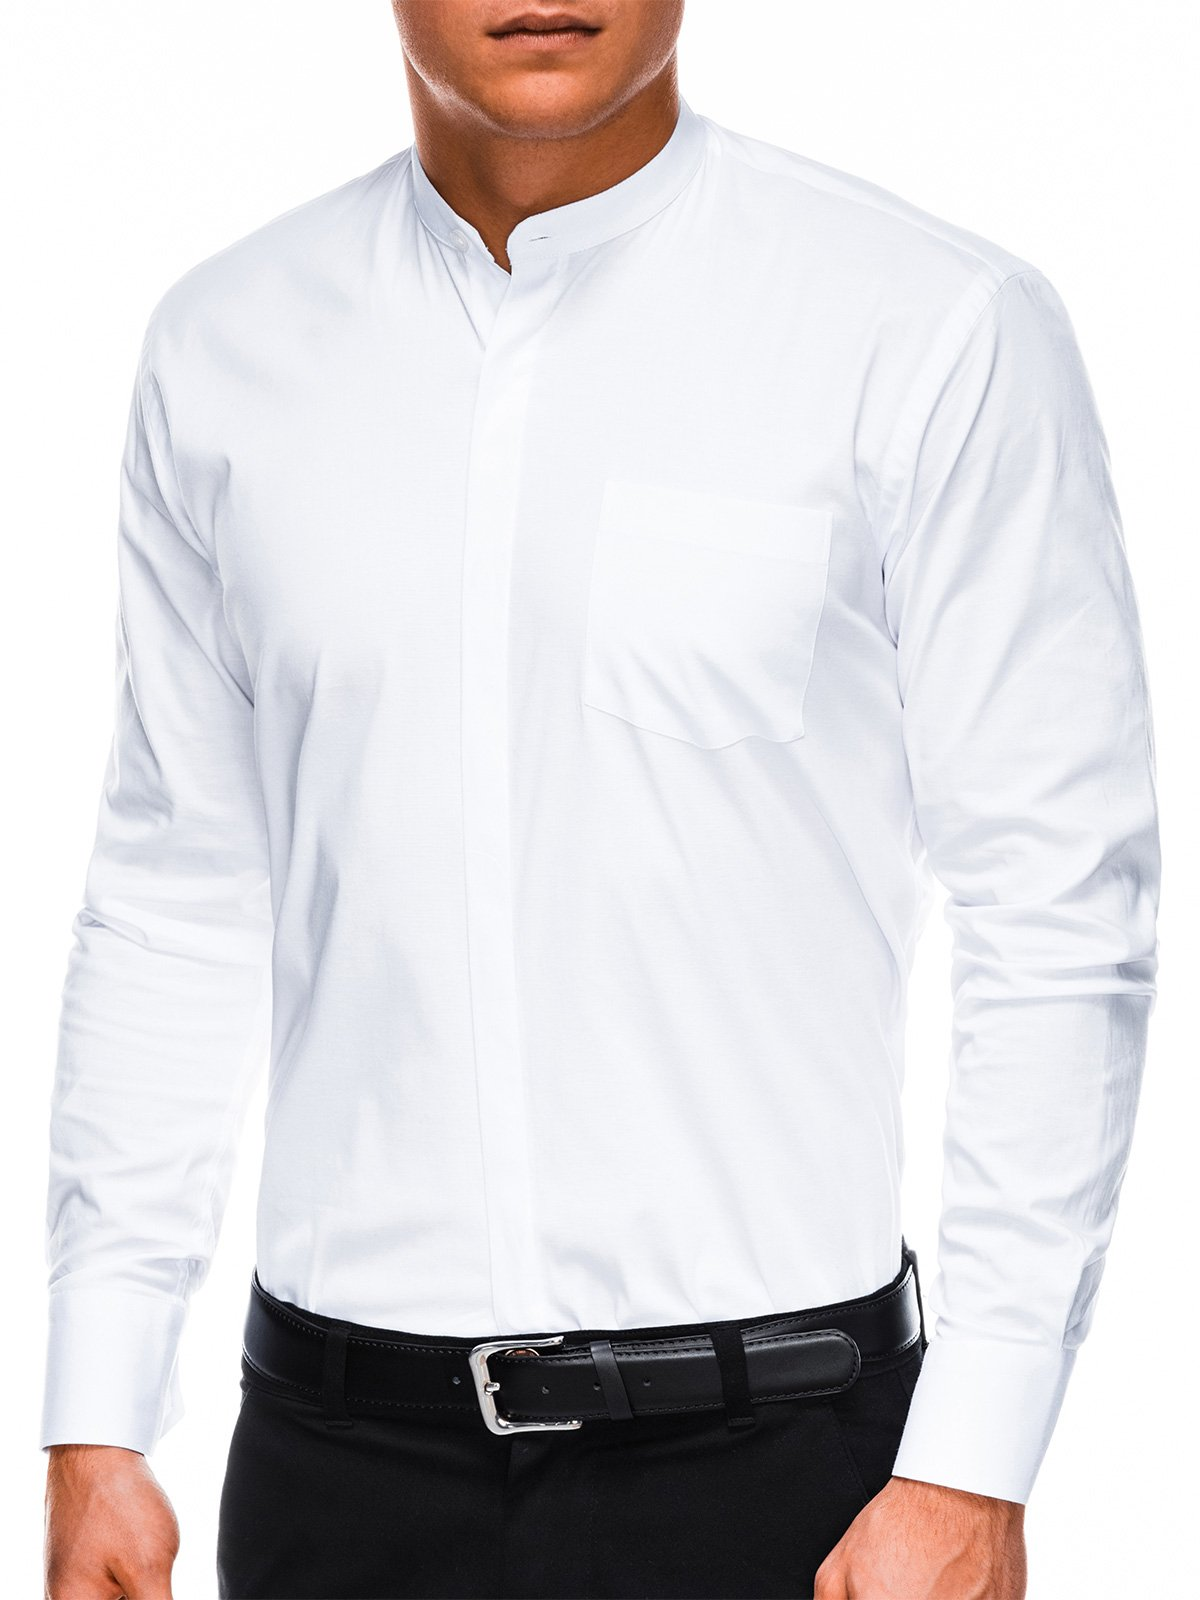 Koszula męska elegancka zdługim rękawem K307 - biała